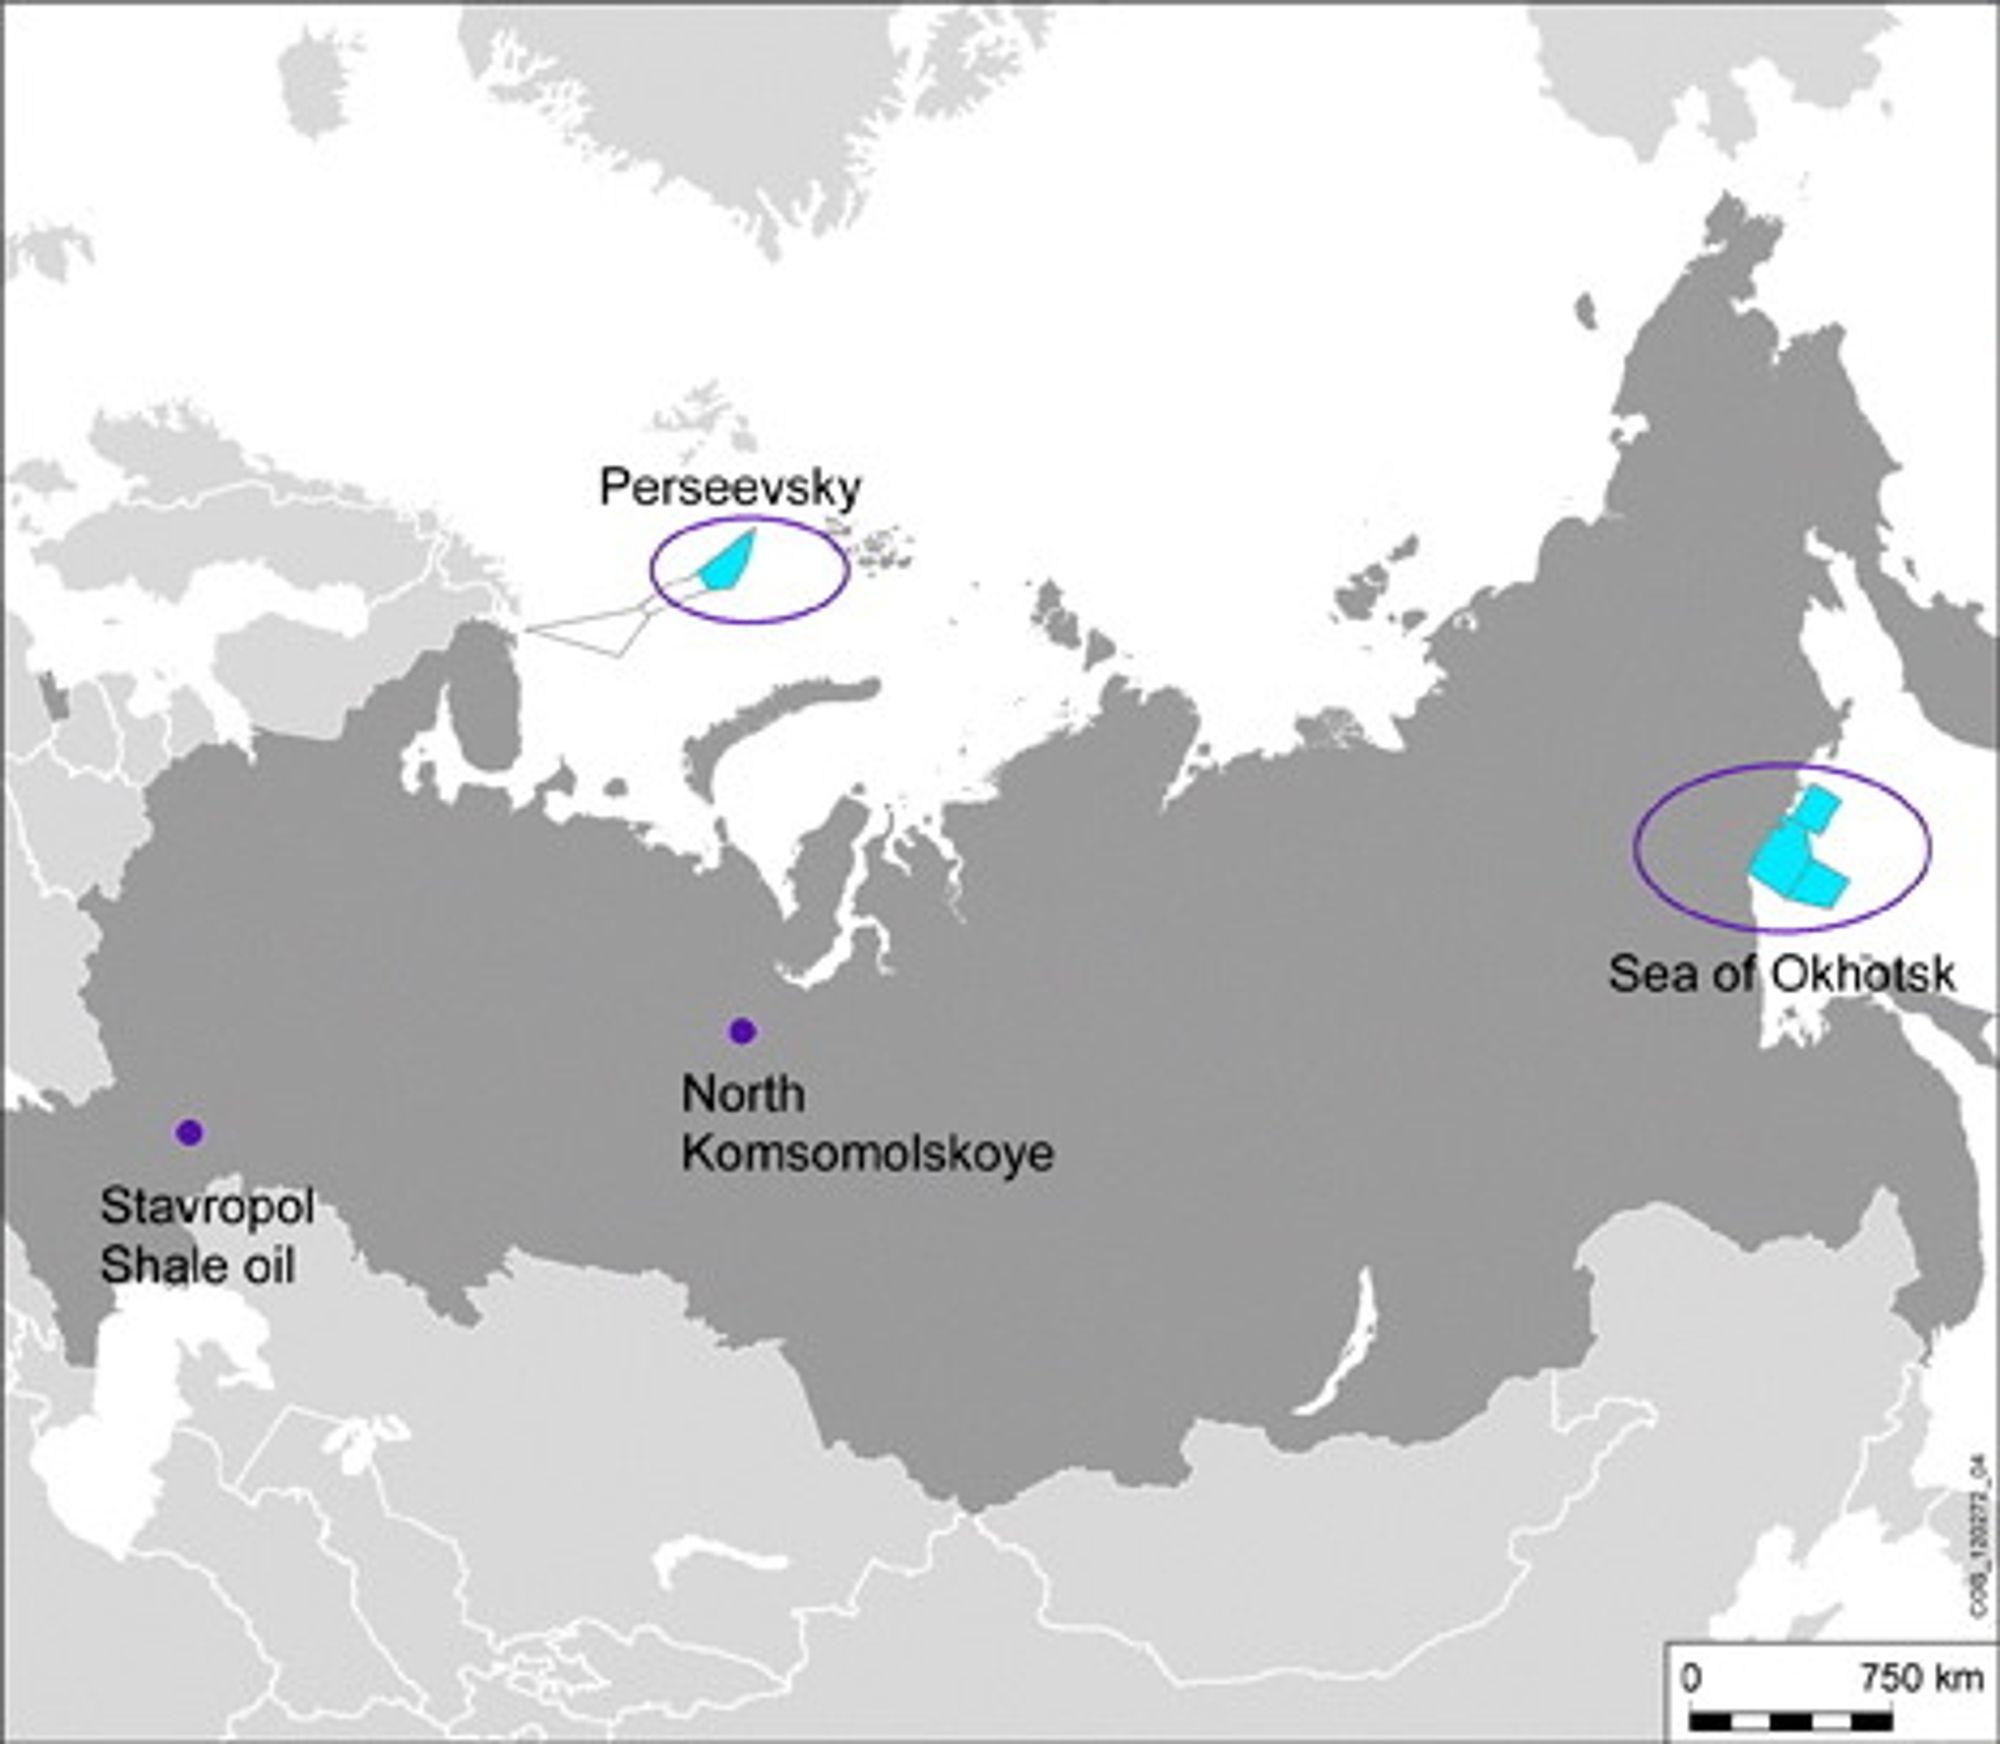 Kart over samarvbeidslisensene mellom Rosneft og Statoil i russisk sektor av Arktis.